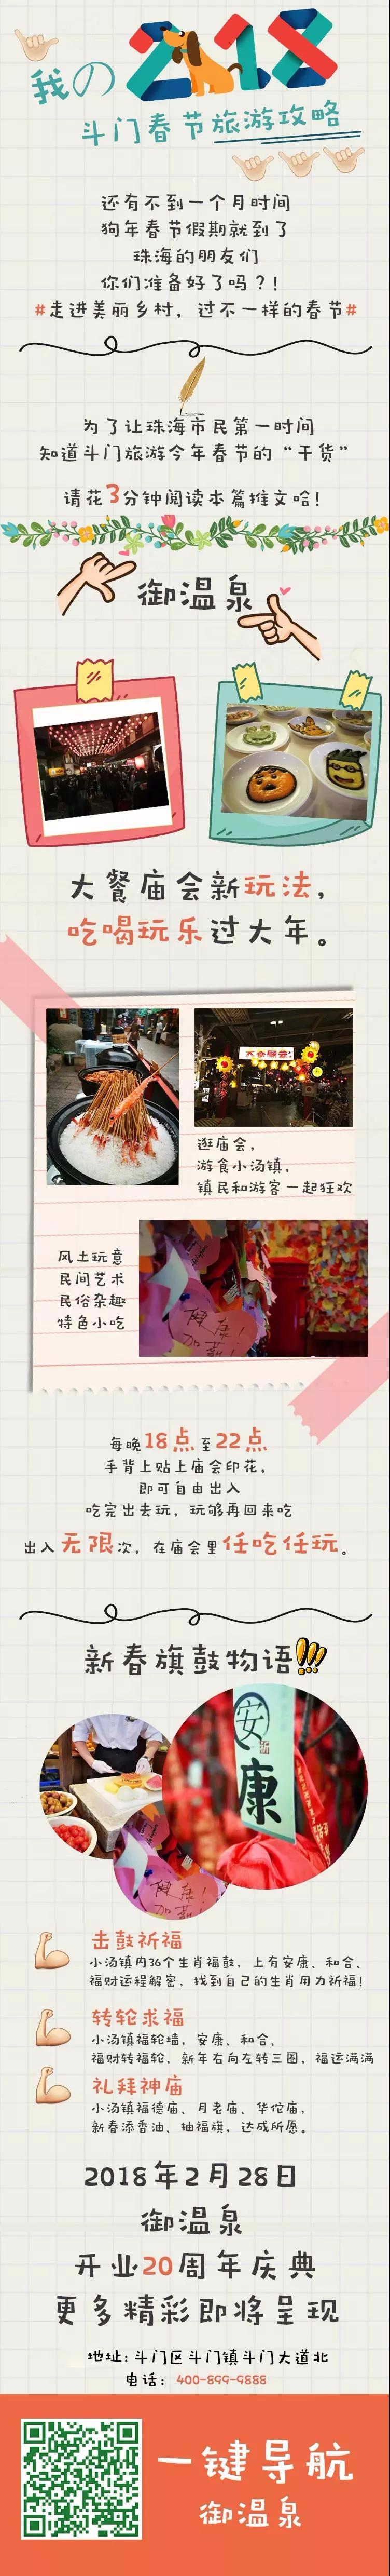 必看!2018春节斗门旅游攻略!